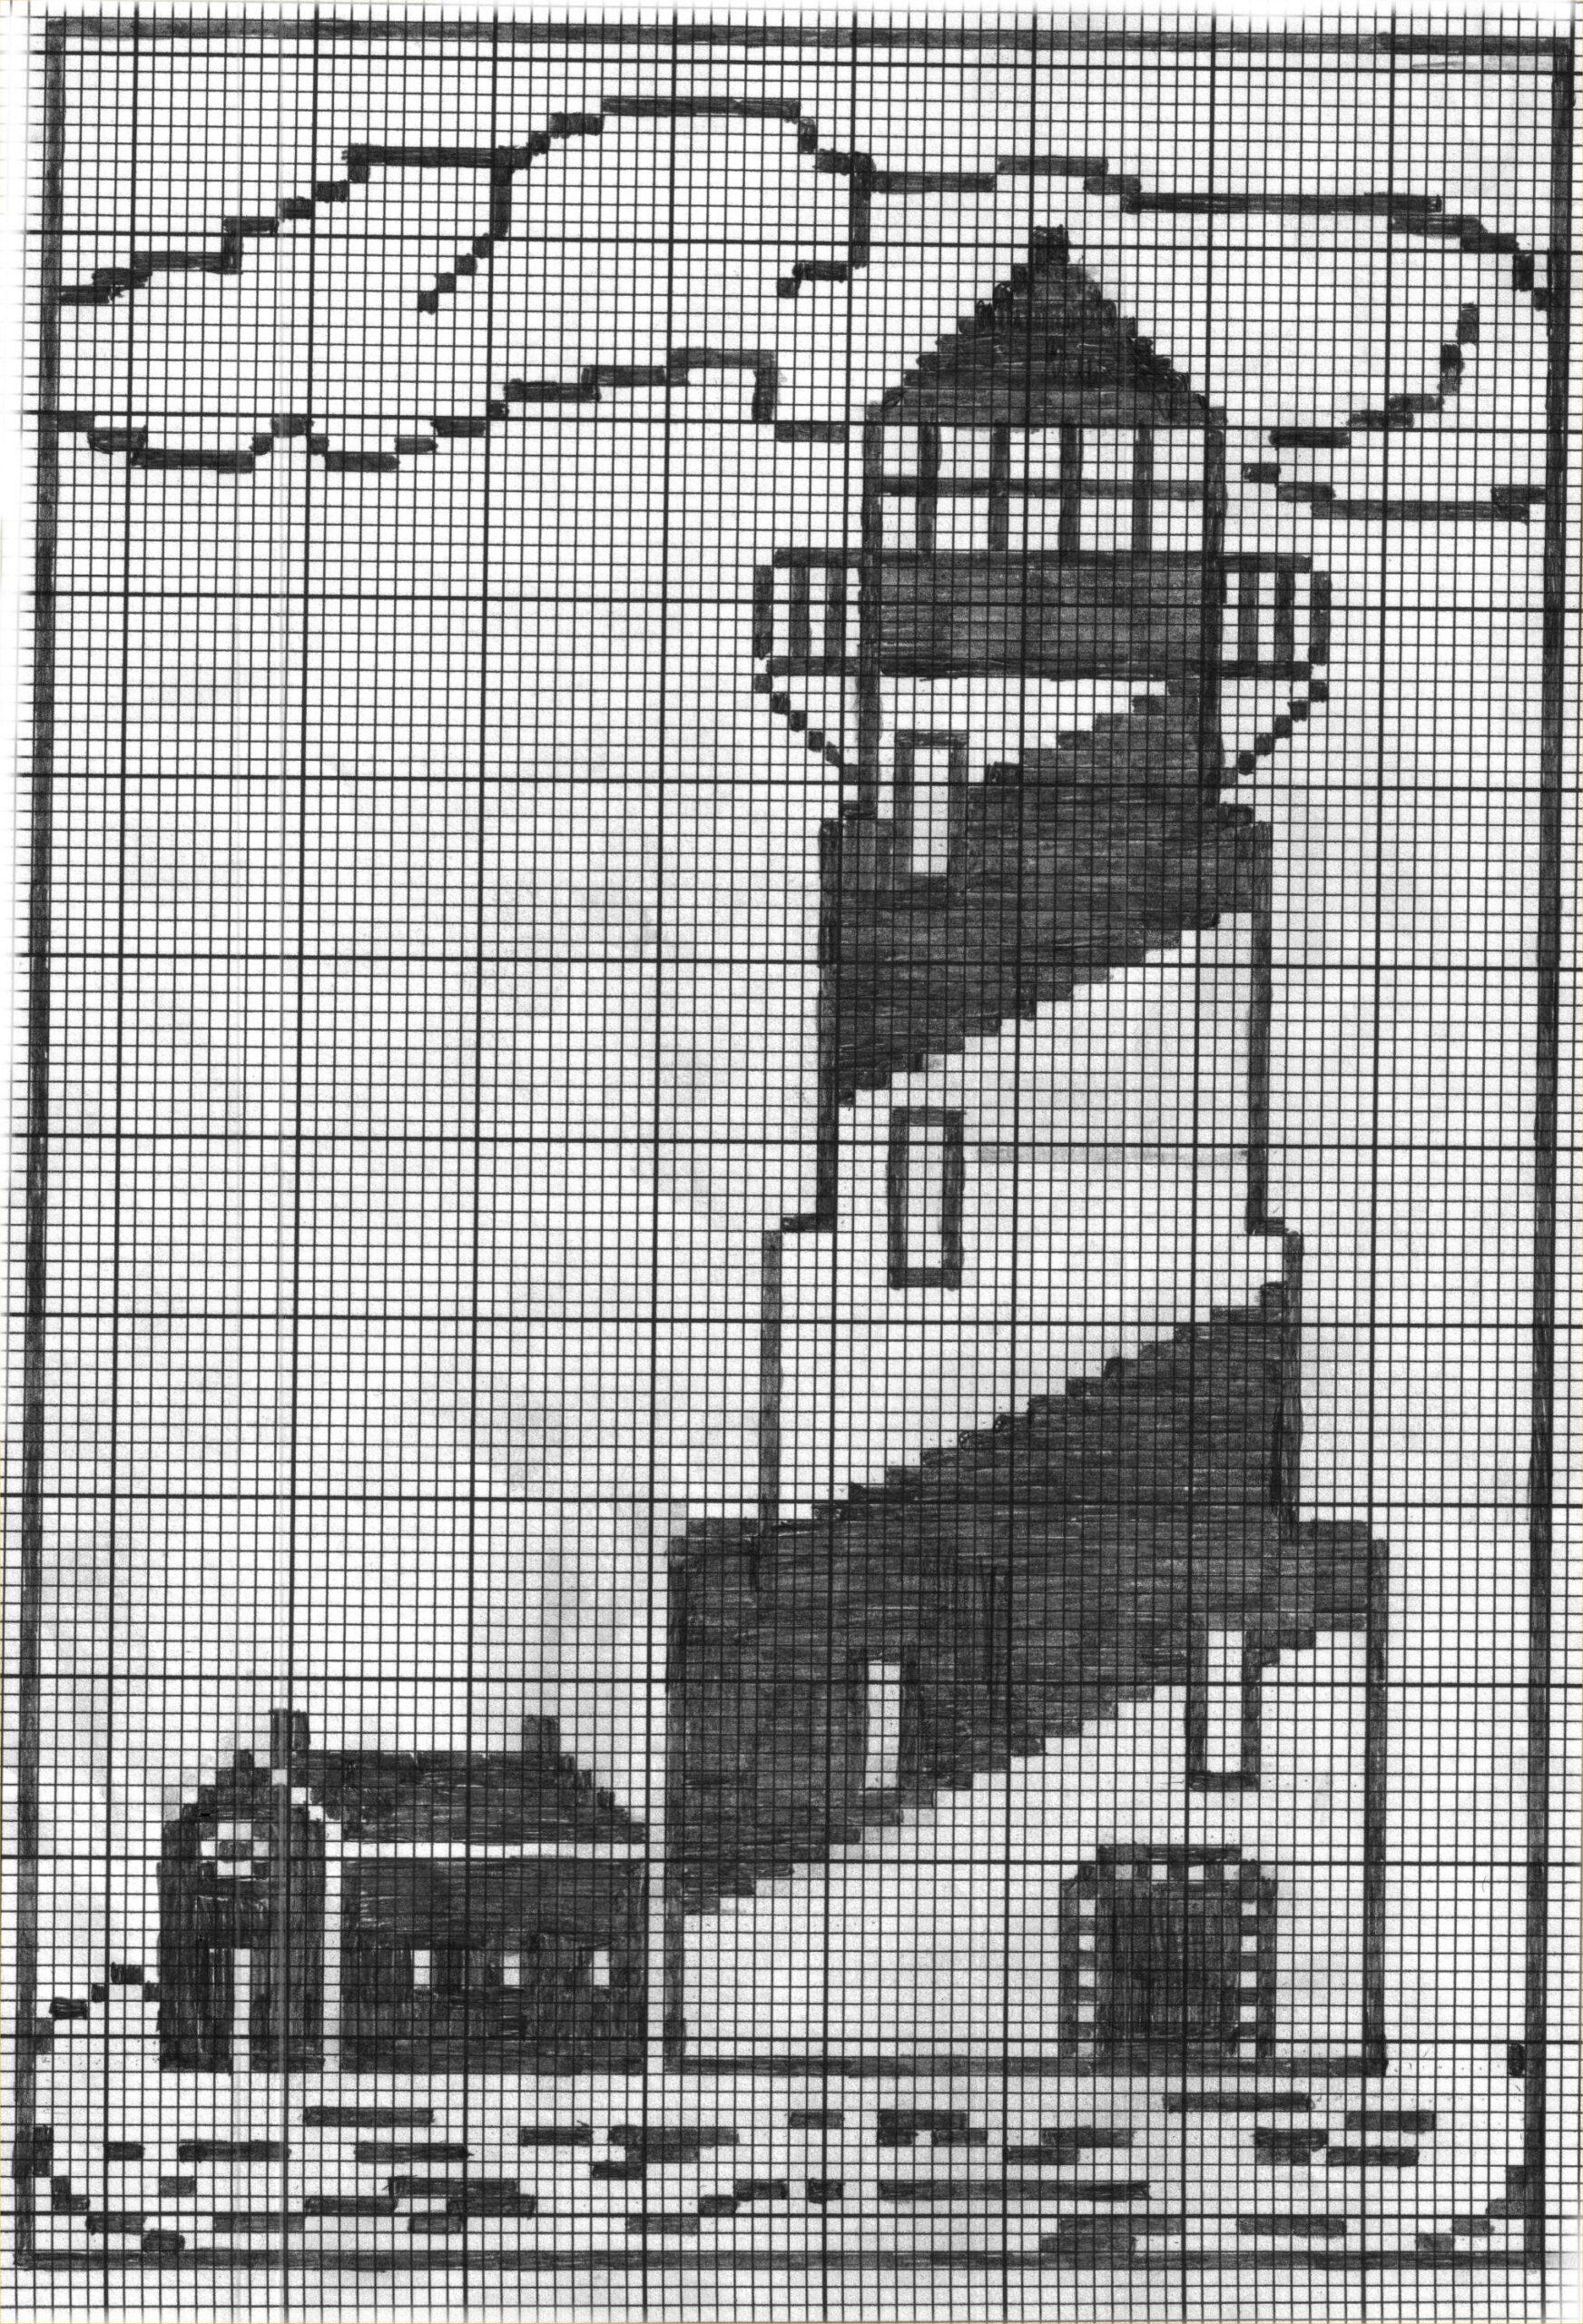 Full Size of Gardinen Schlafzimmer Für Küche Scheibengardinen Die Planen Kostenlos Fenster Wohnzimmer Wohnzimmer Gardinen Häkeln Anleitung Kostenlos